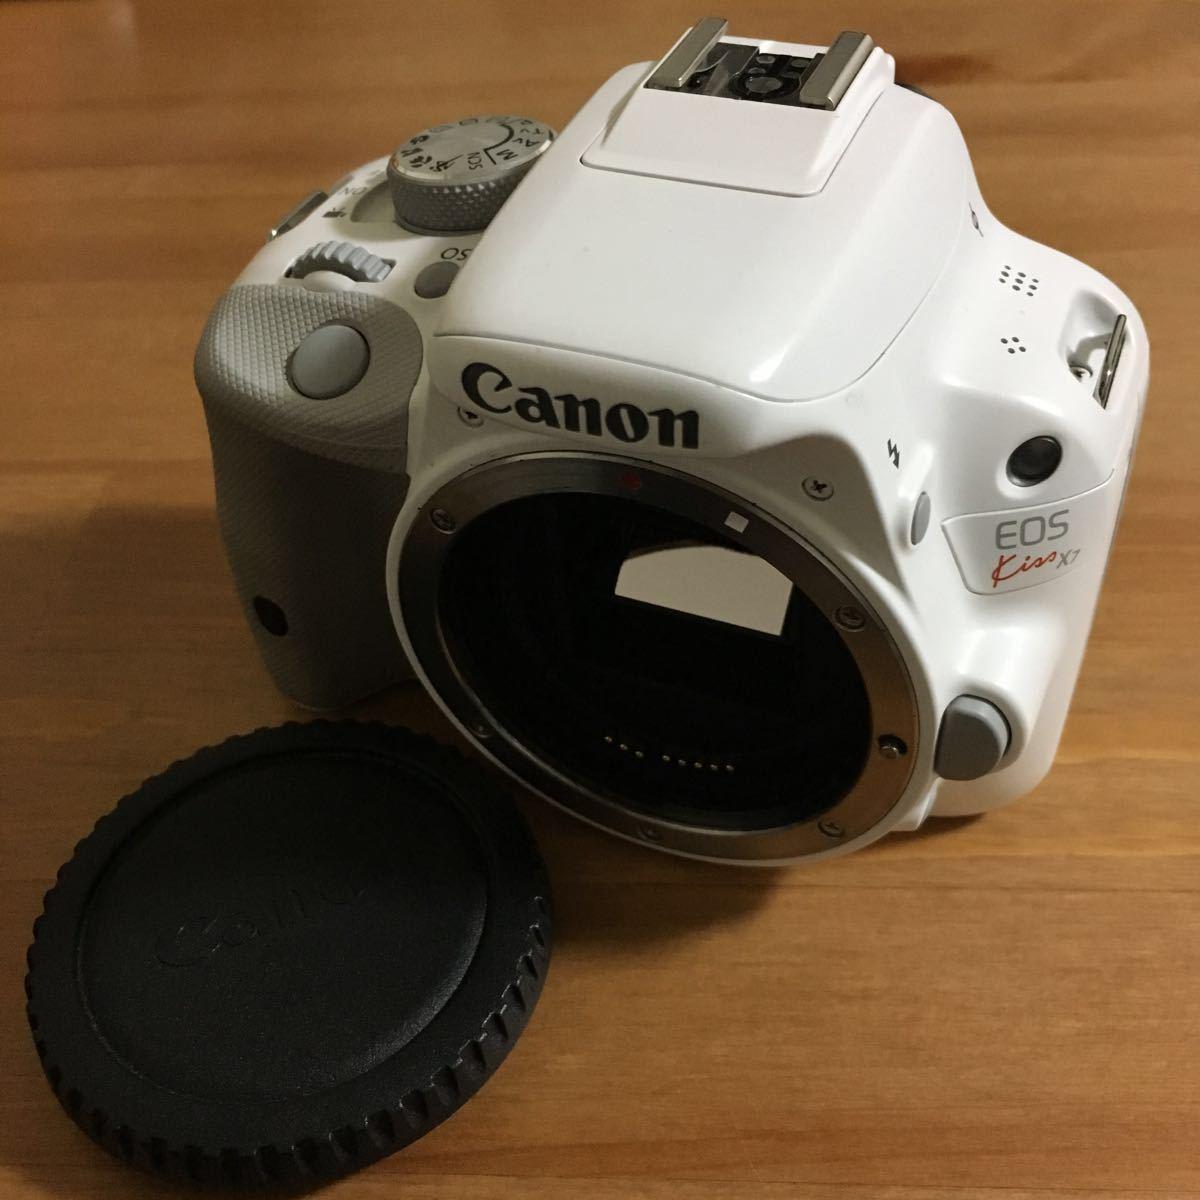 Canon EOS Kiss X7 ホワイト? ボディ ノーチェックで動作不明のジャンク扱いです。